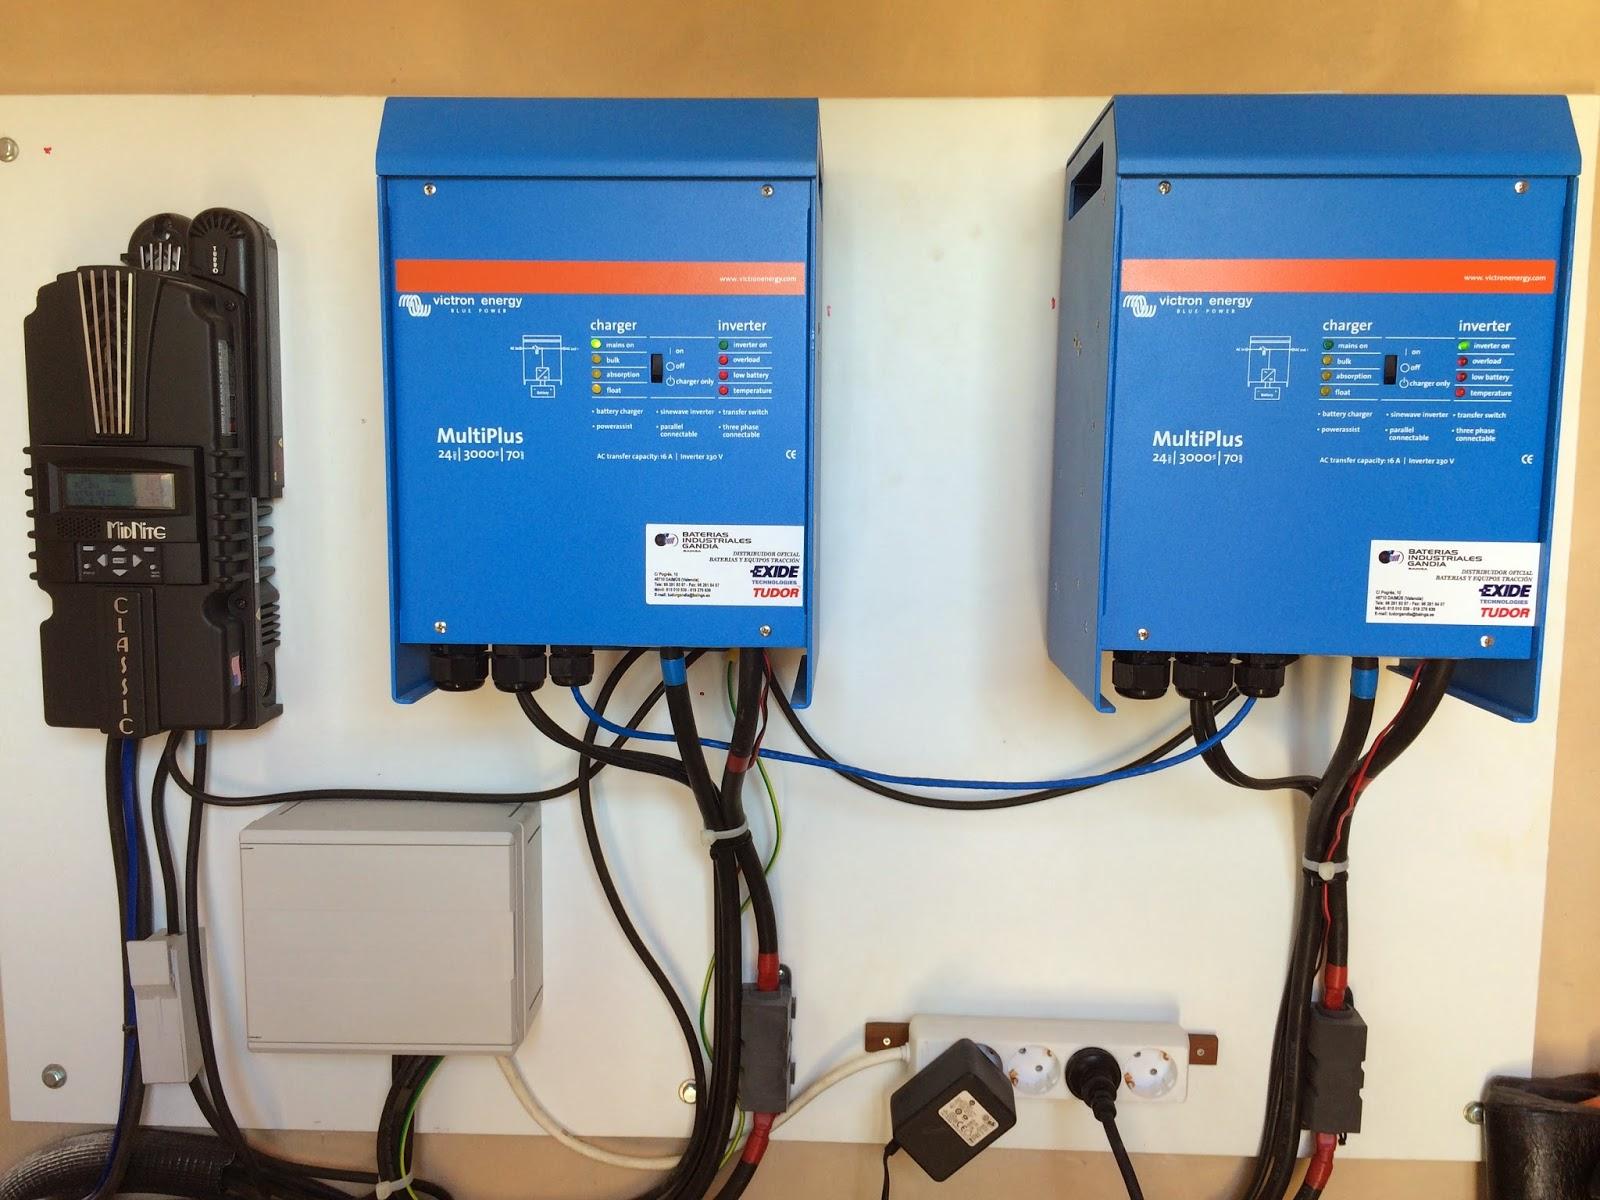 Baterias industriales gandia s l ampliacion de instalacion de energia solar fotovoltaica en oliva - Instalar placas solares en casa ...